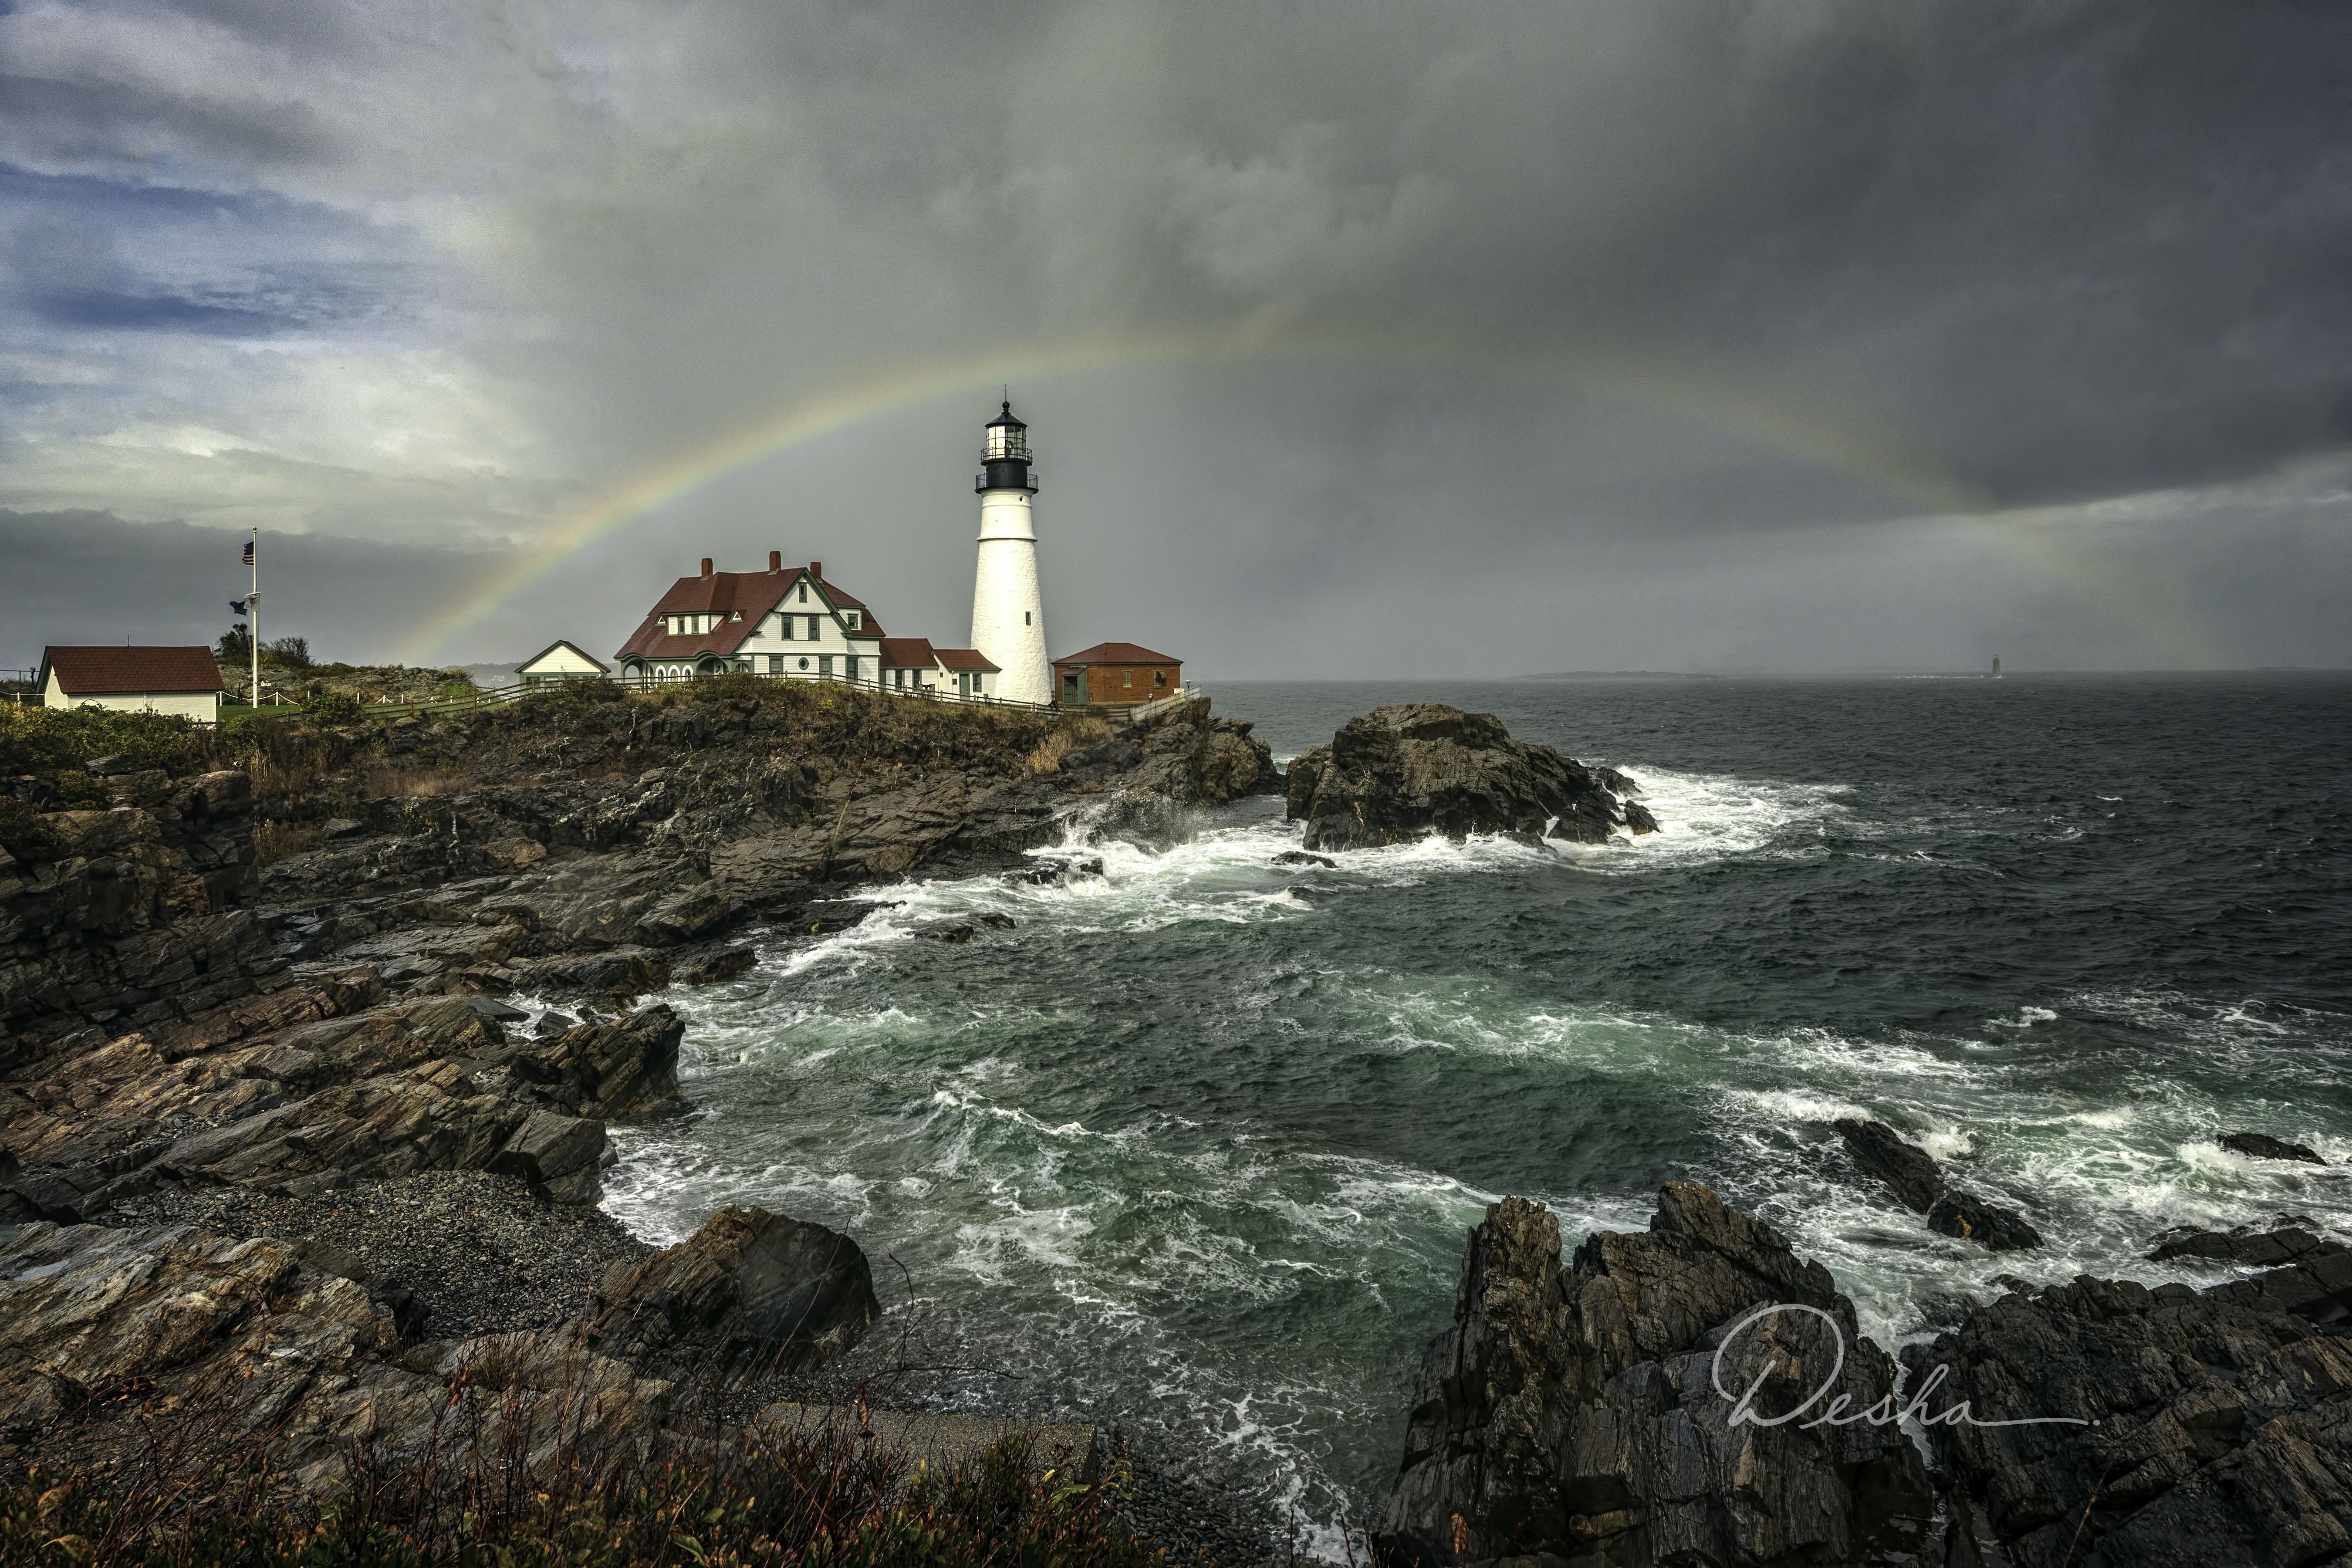 Portland Head Light with a Rainbow